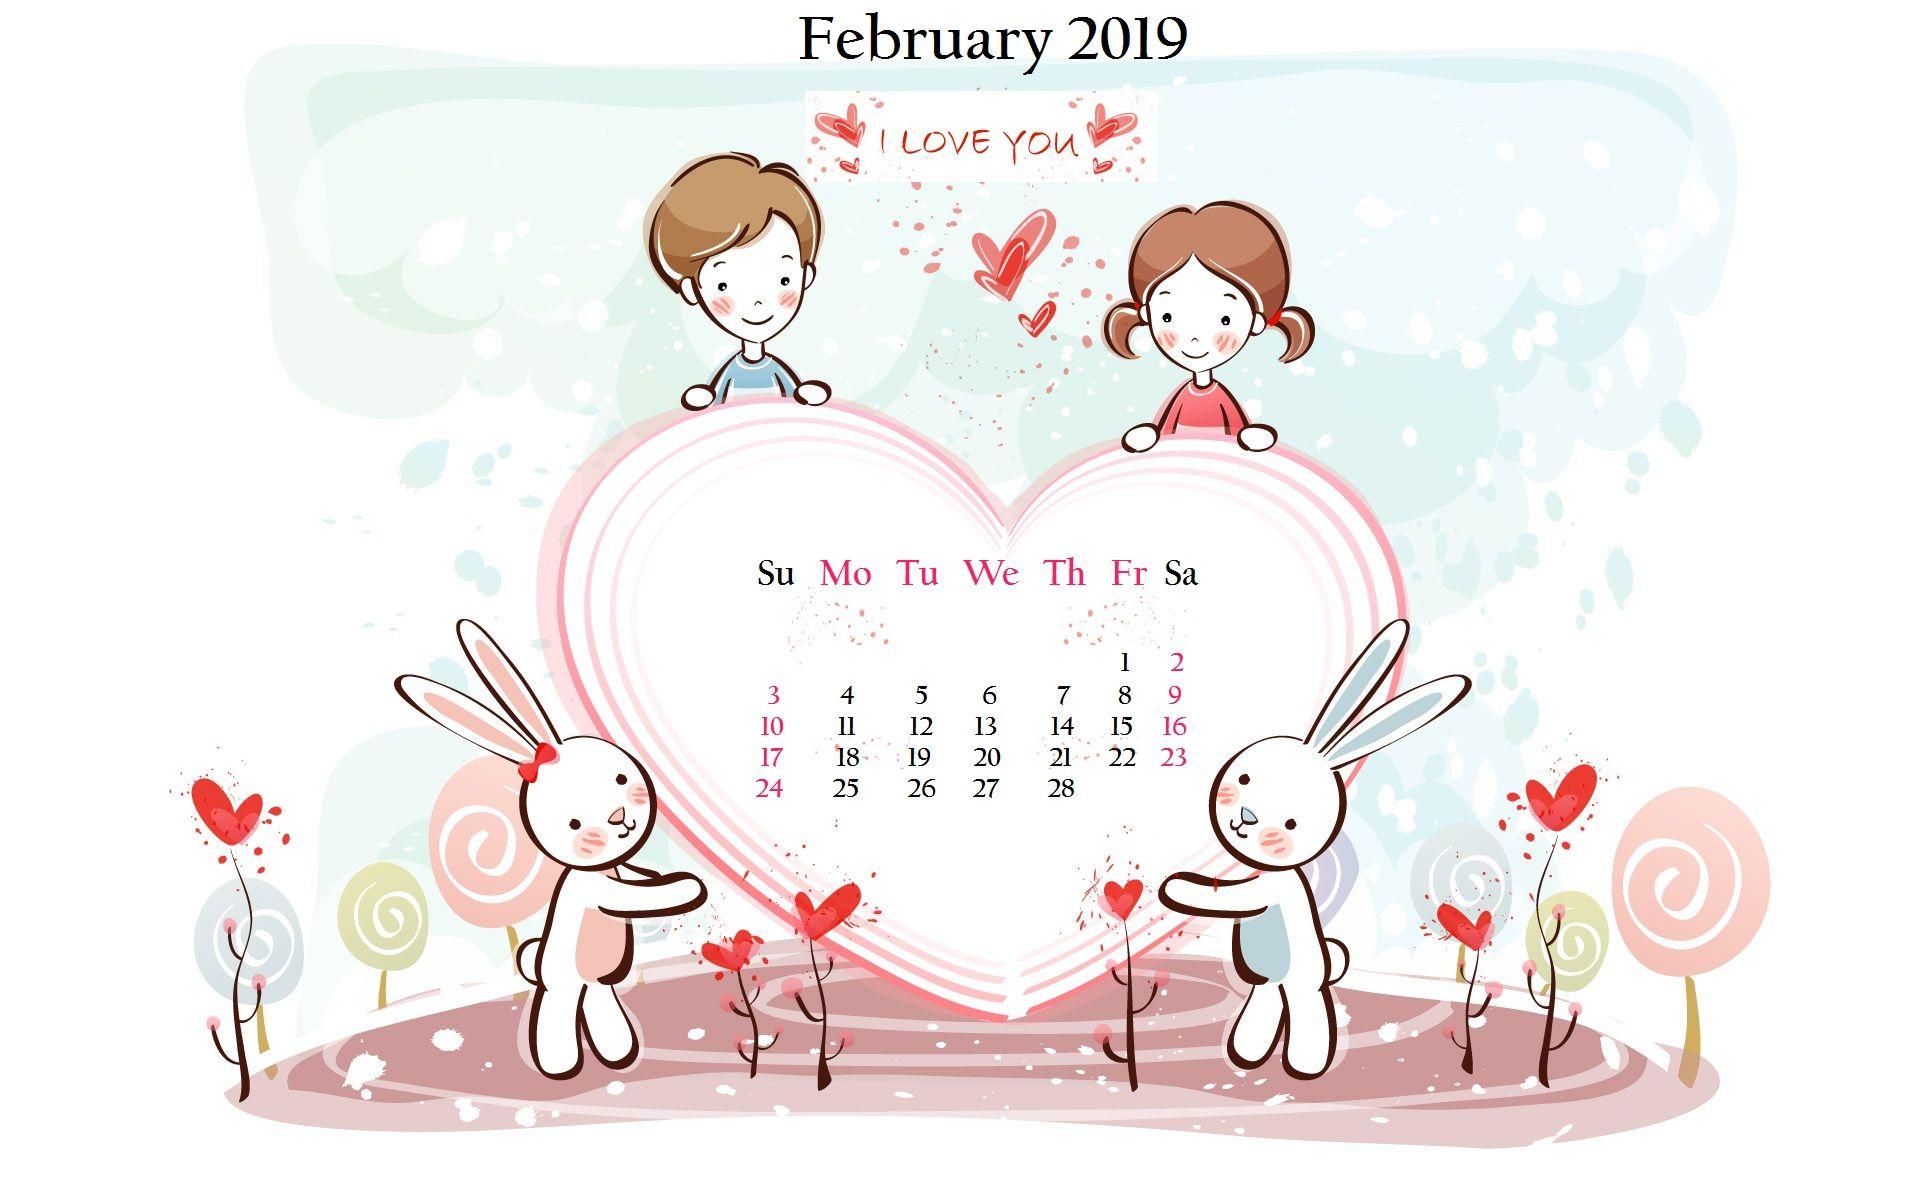 February 2019 Desktop Background Calendar in 2020 Cute love 1920x1200